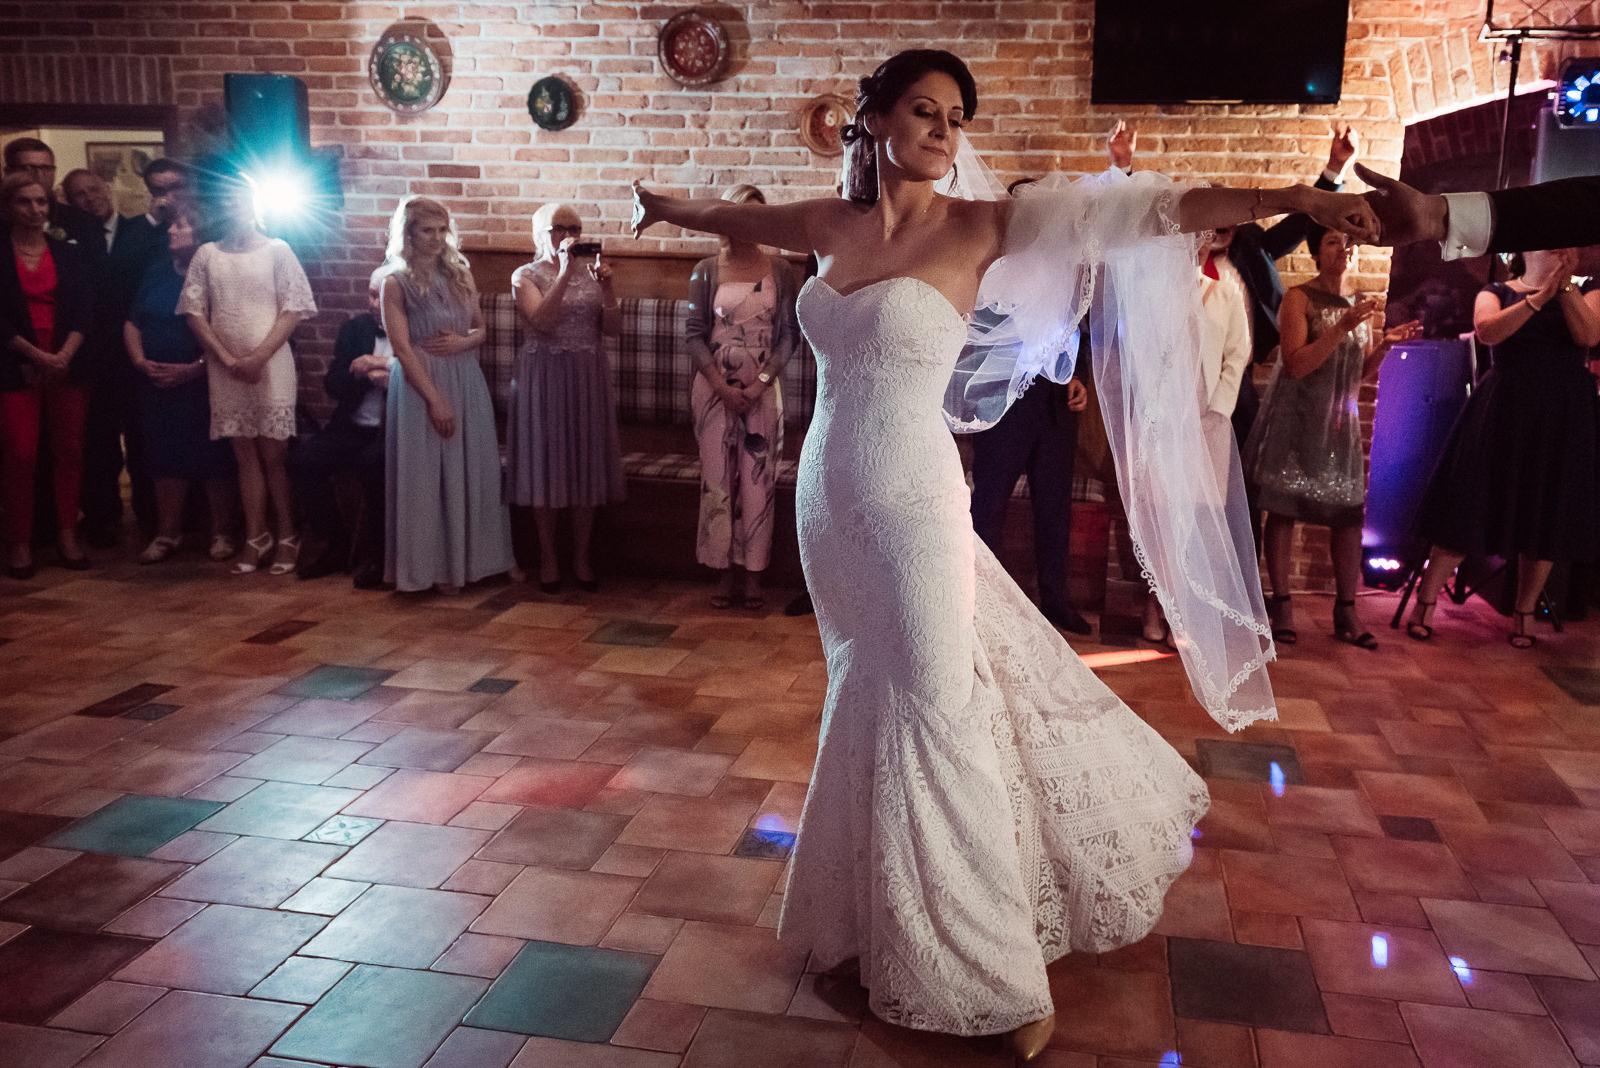 Panna Młoda tańcząca w Sali Dworskiej